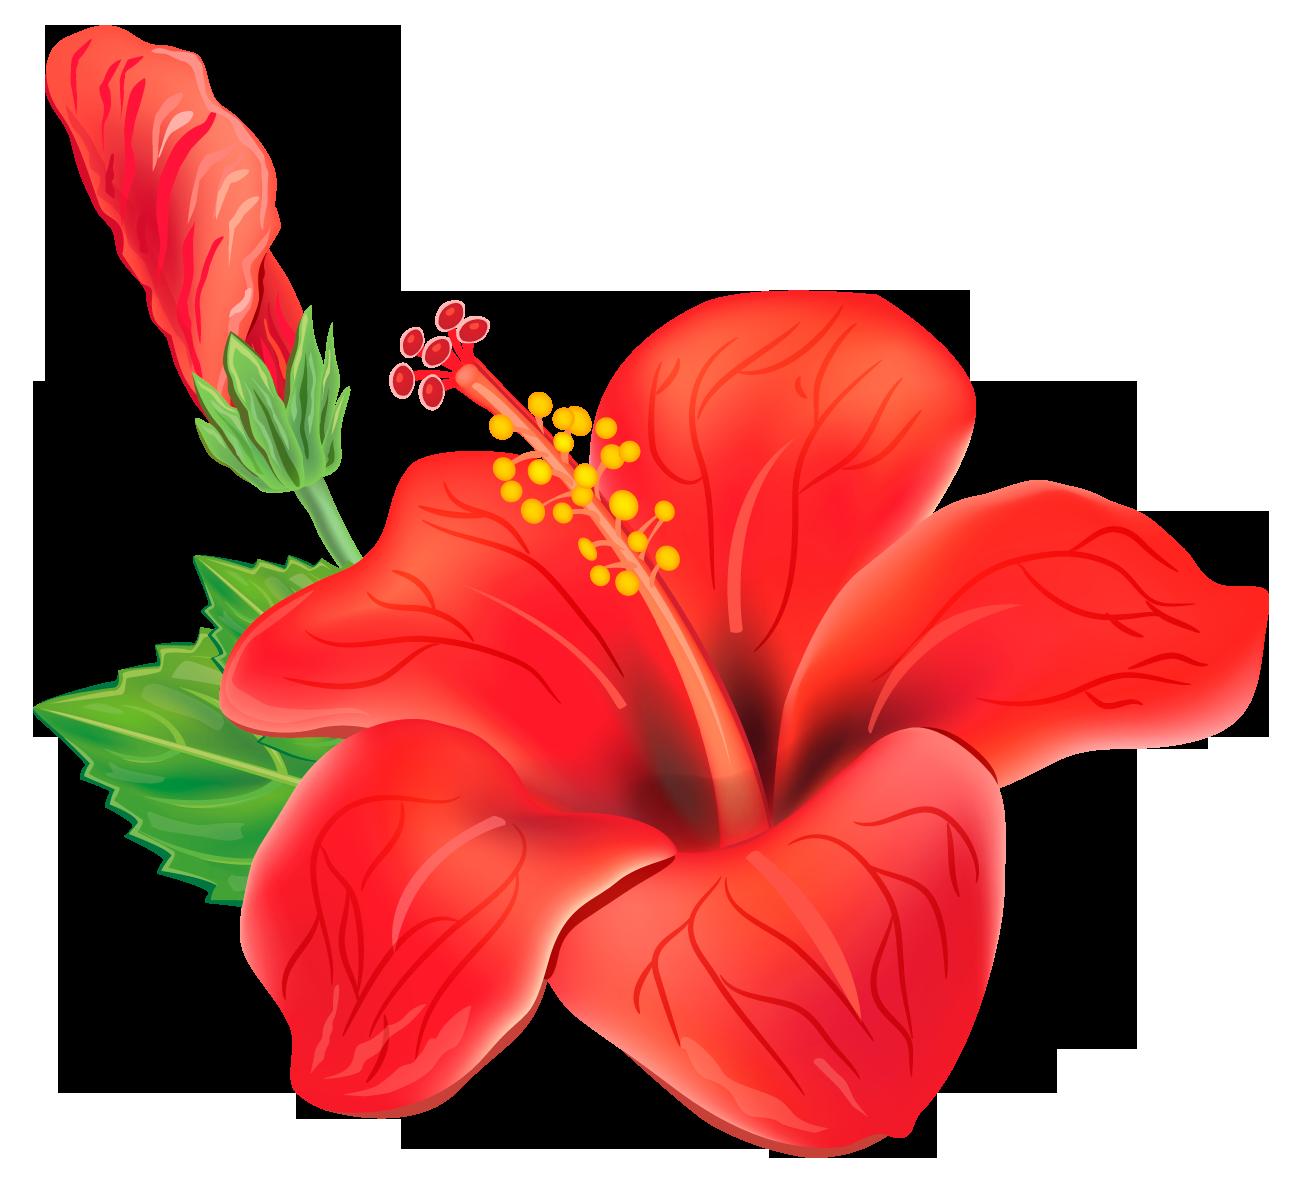 Hibiscus jaswand